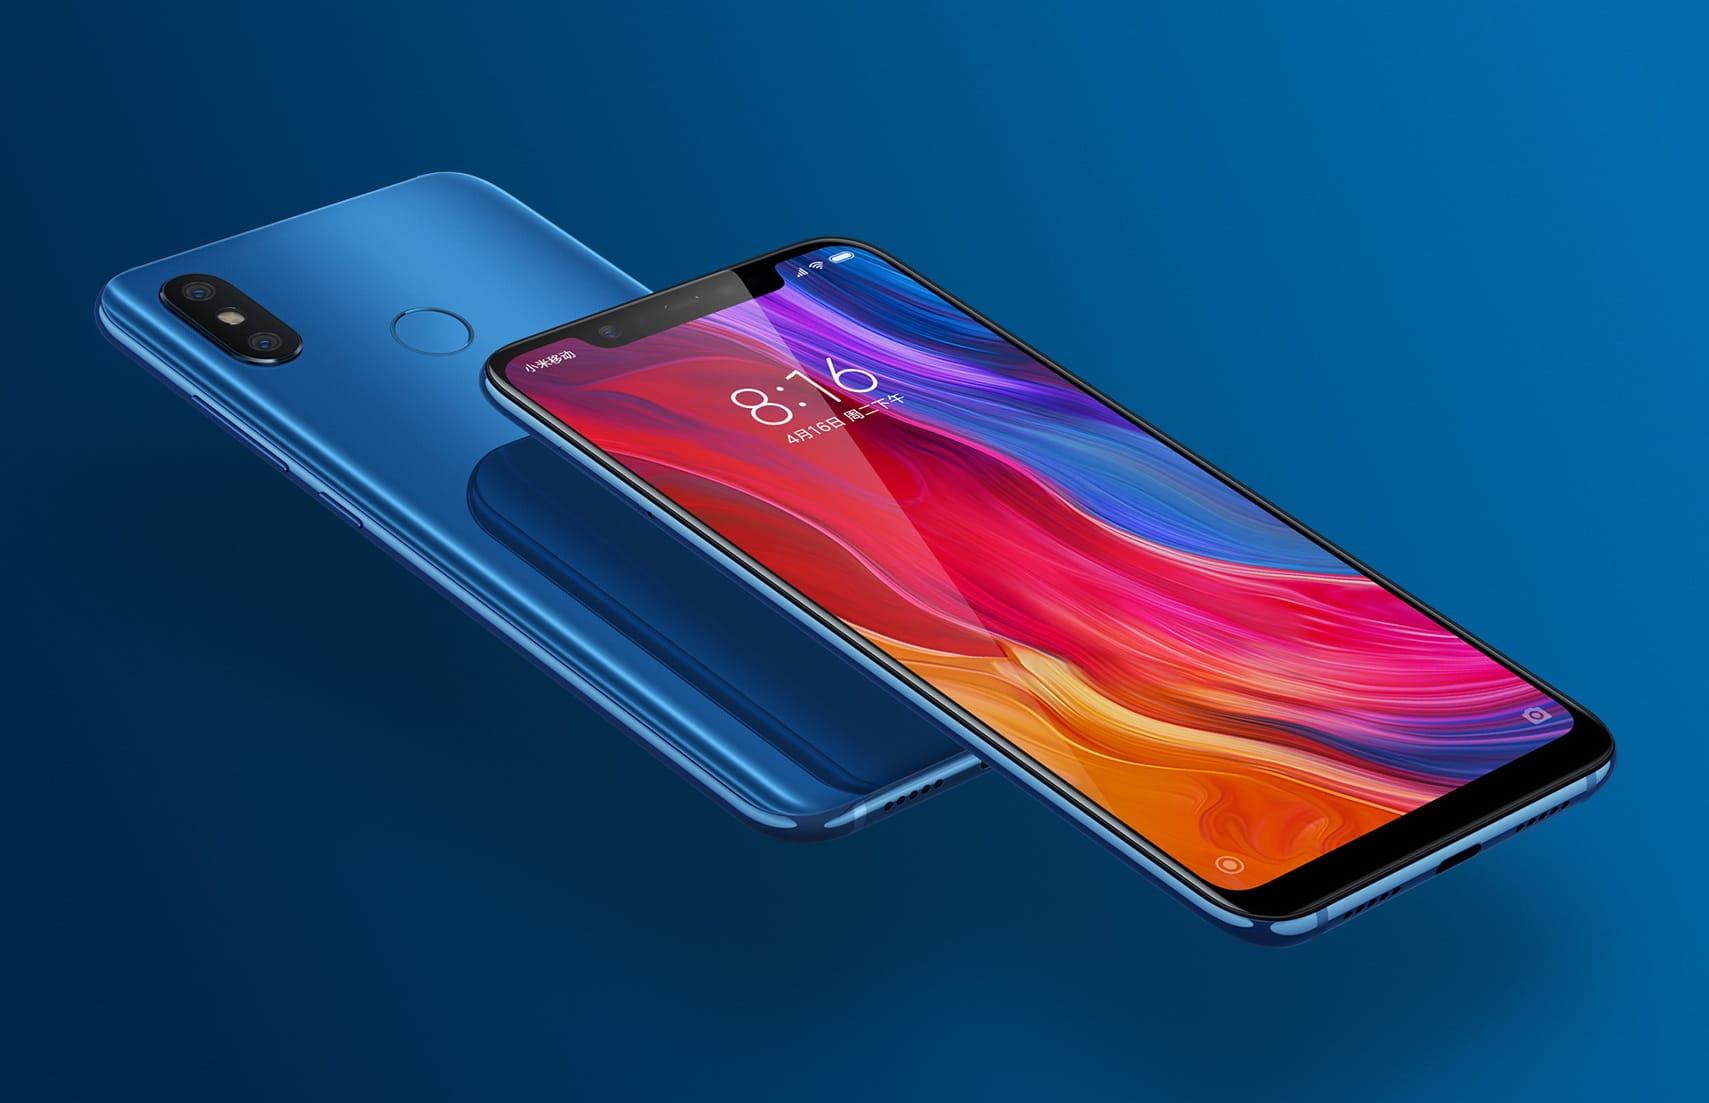 Xiaomi Beryllium